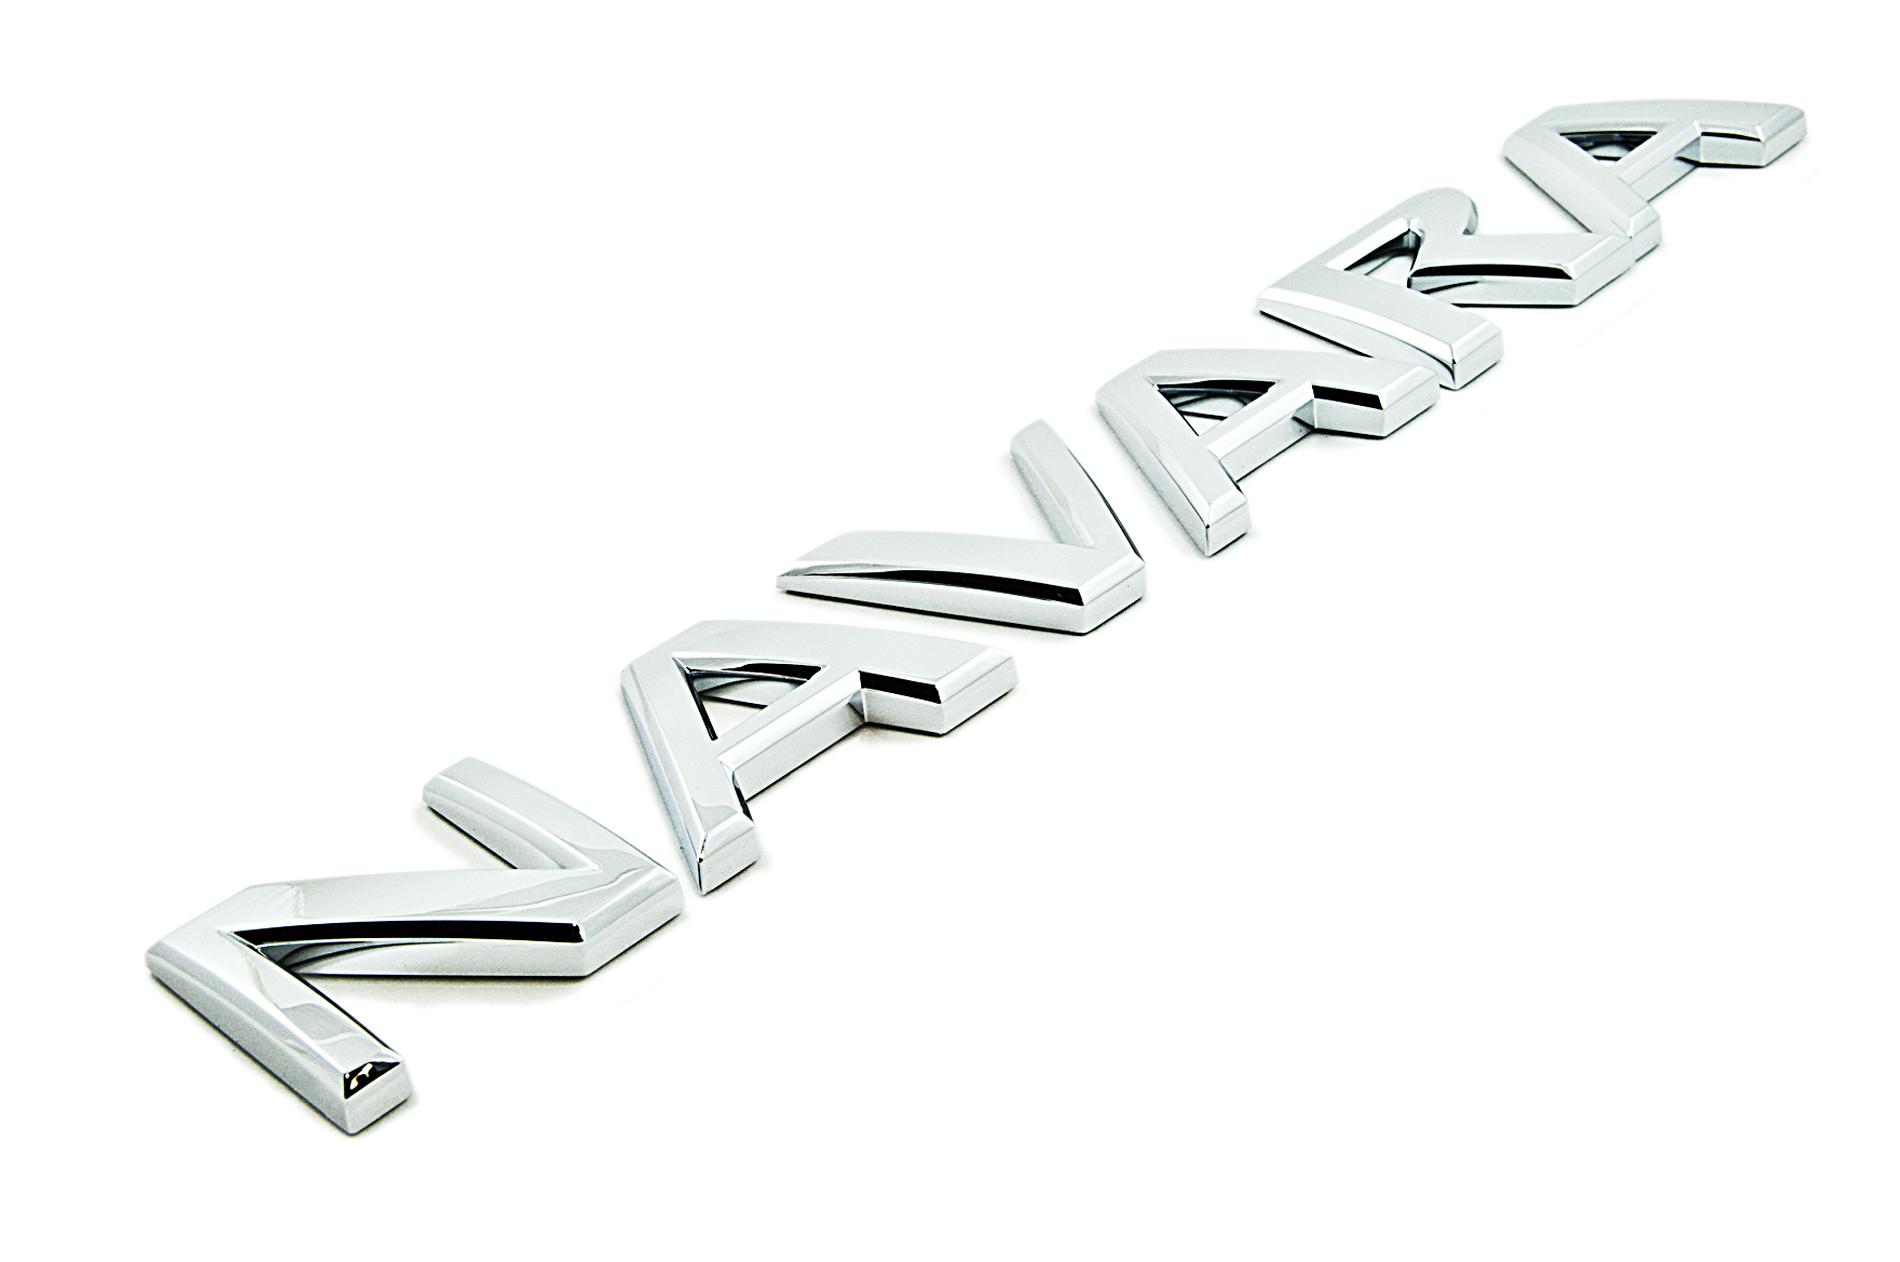 Nissan Genuine Navara Chrome Badge Emblem For Rear Back